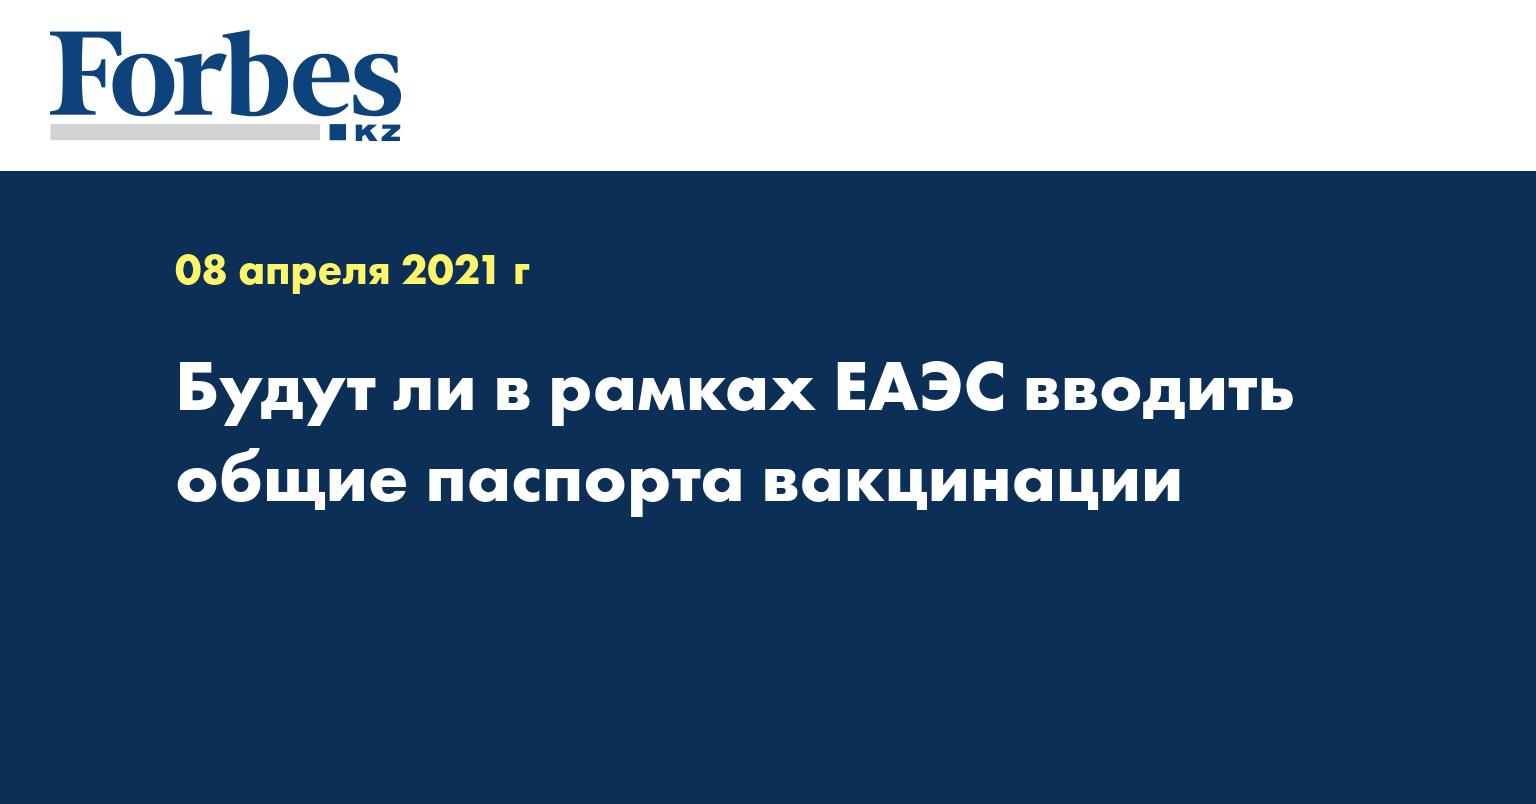 Будут ли в рамках ЕАЭС вводить общие паспорта вакцинации